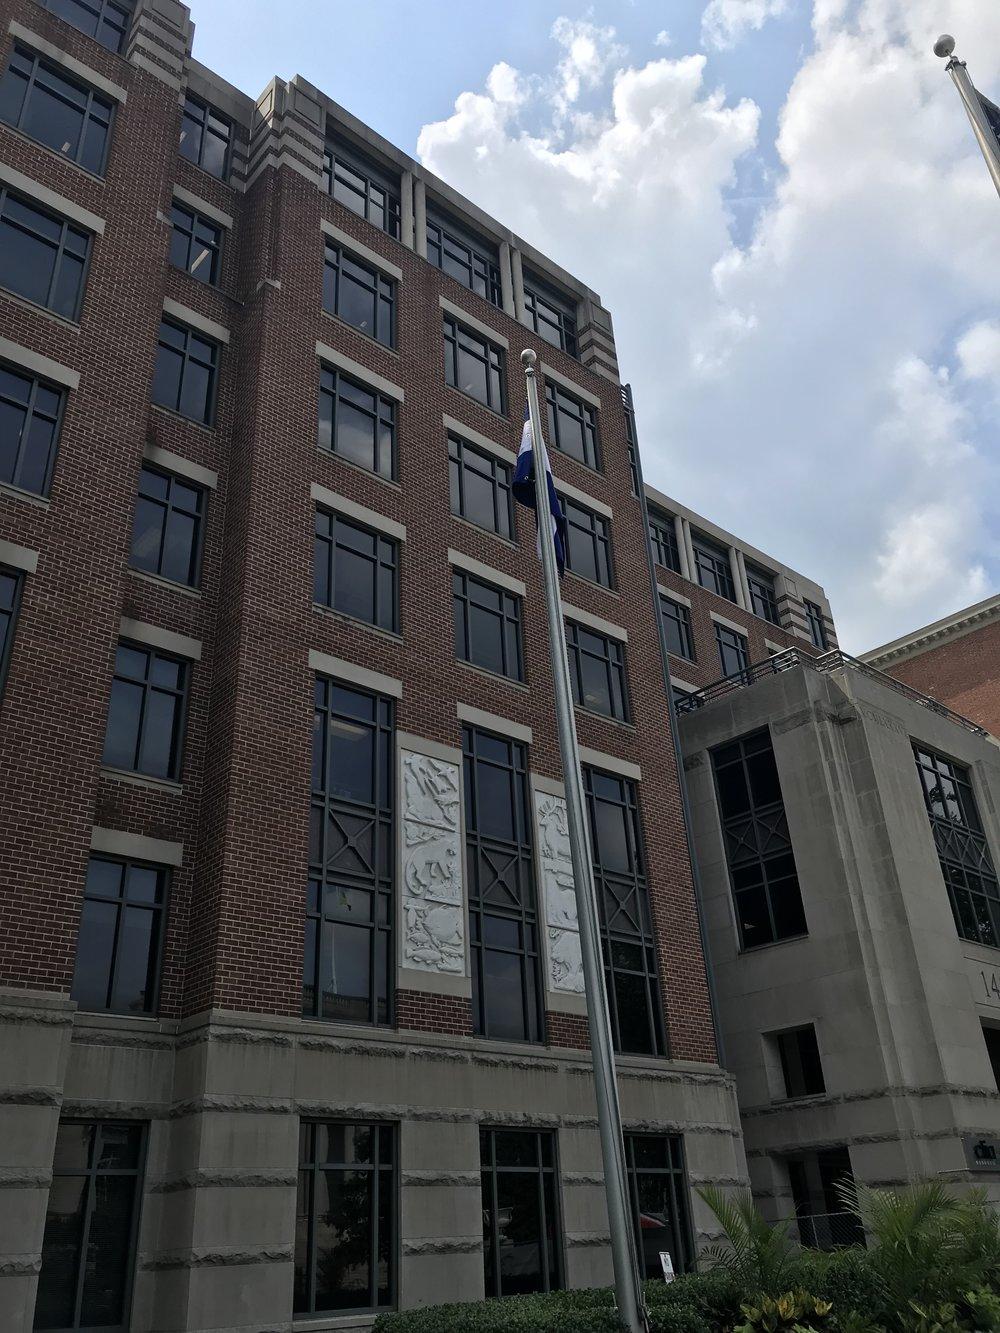 The Embassy of El Salvador.